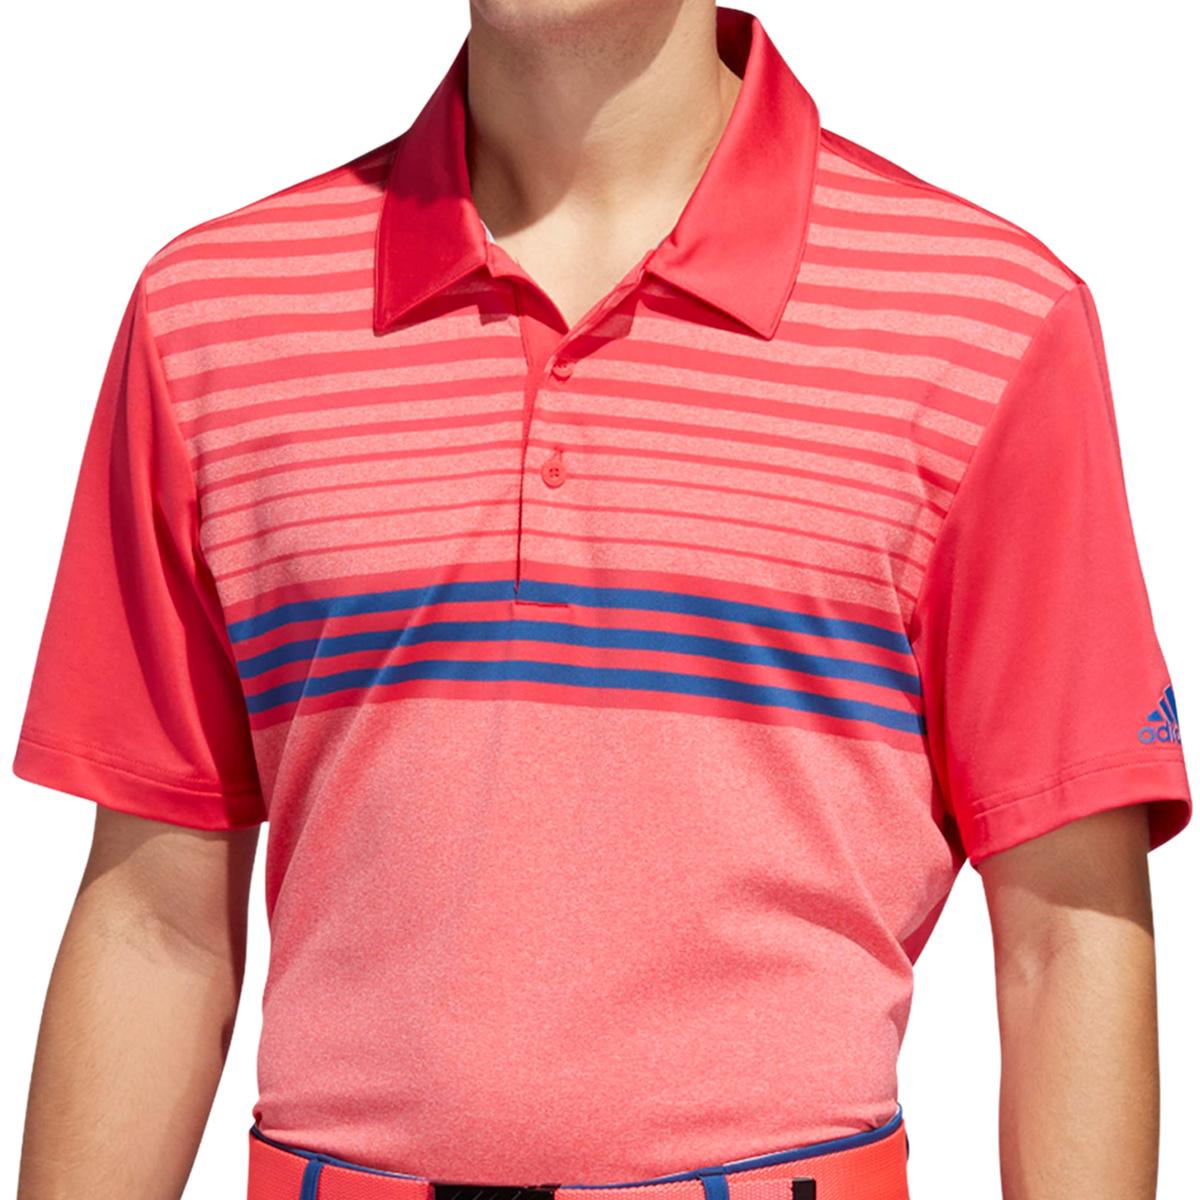 ストレッチ ULTIMATE365 チェストストライプ 半袖ポロシャツ